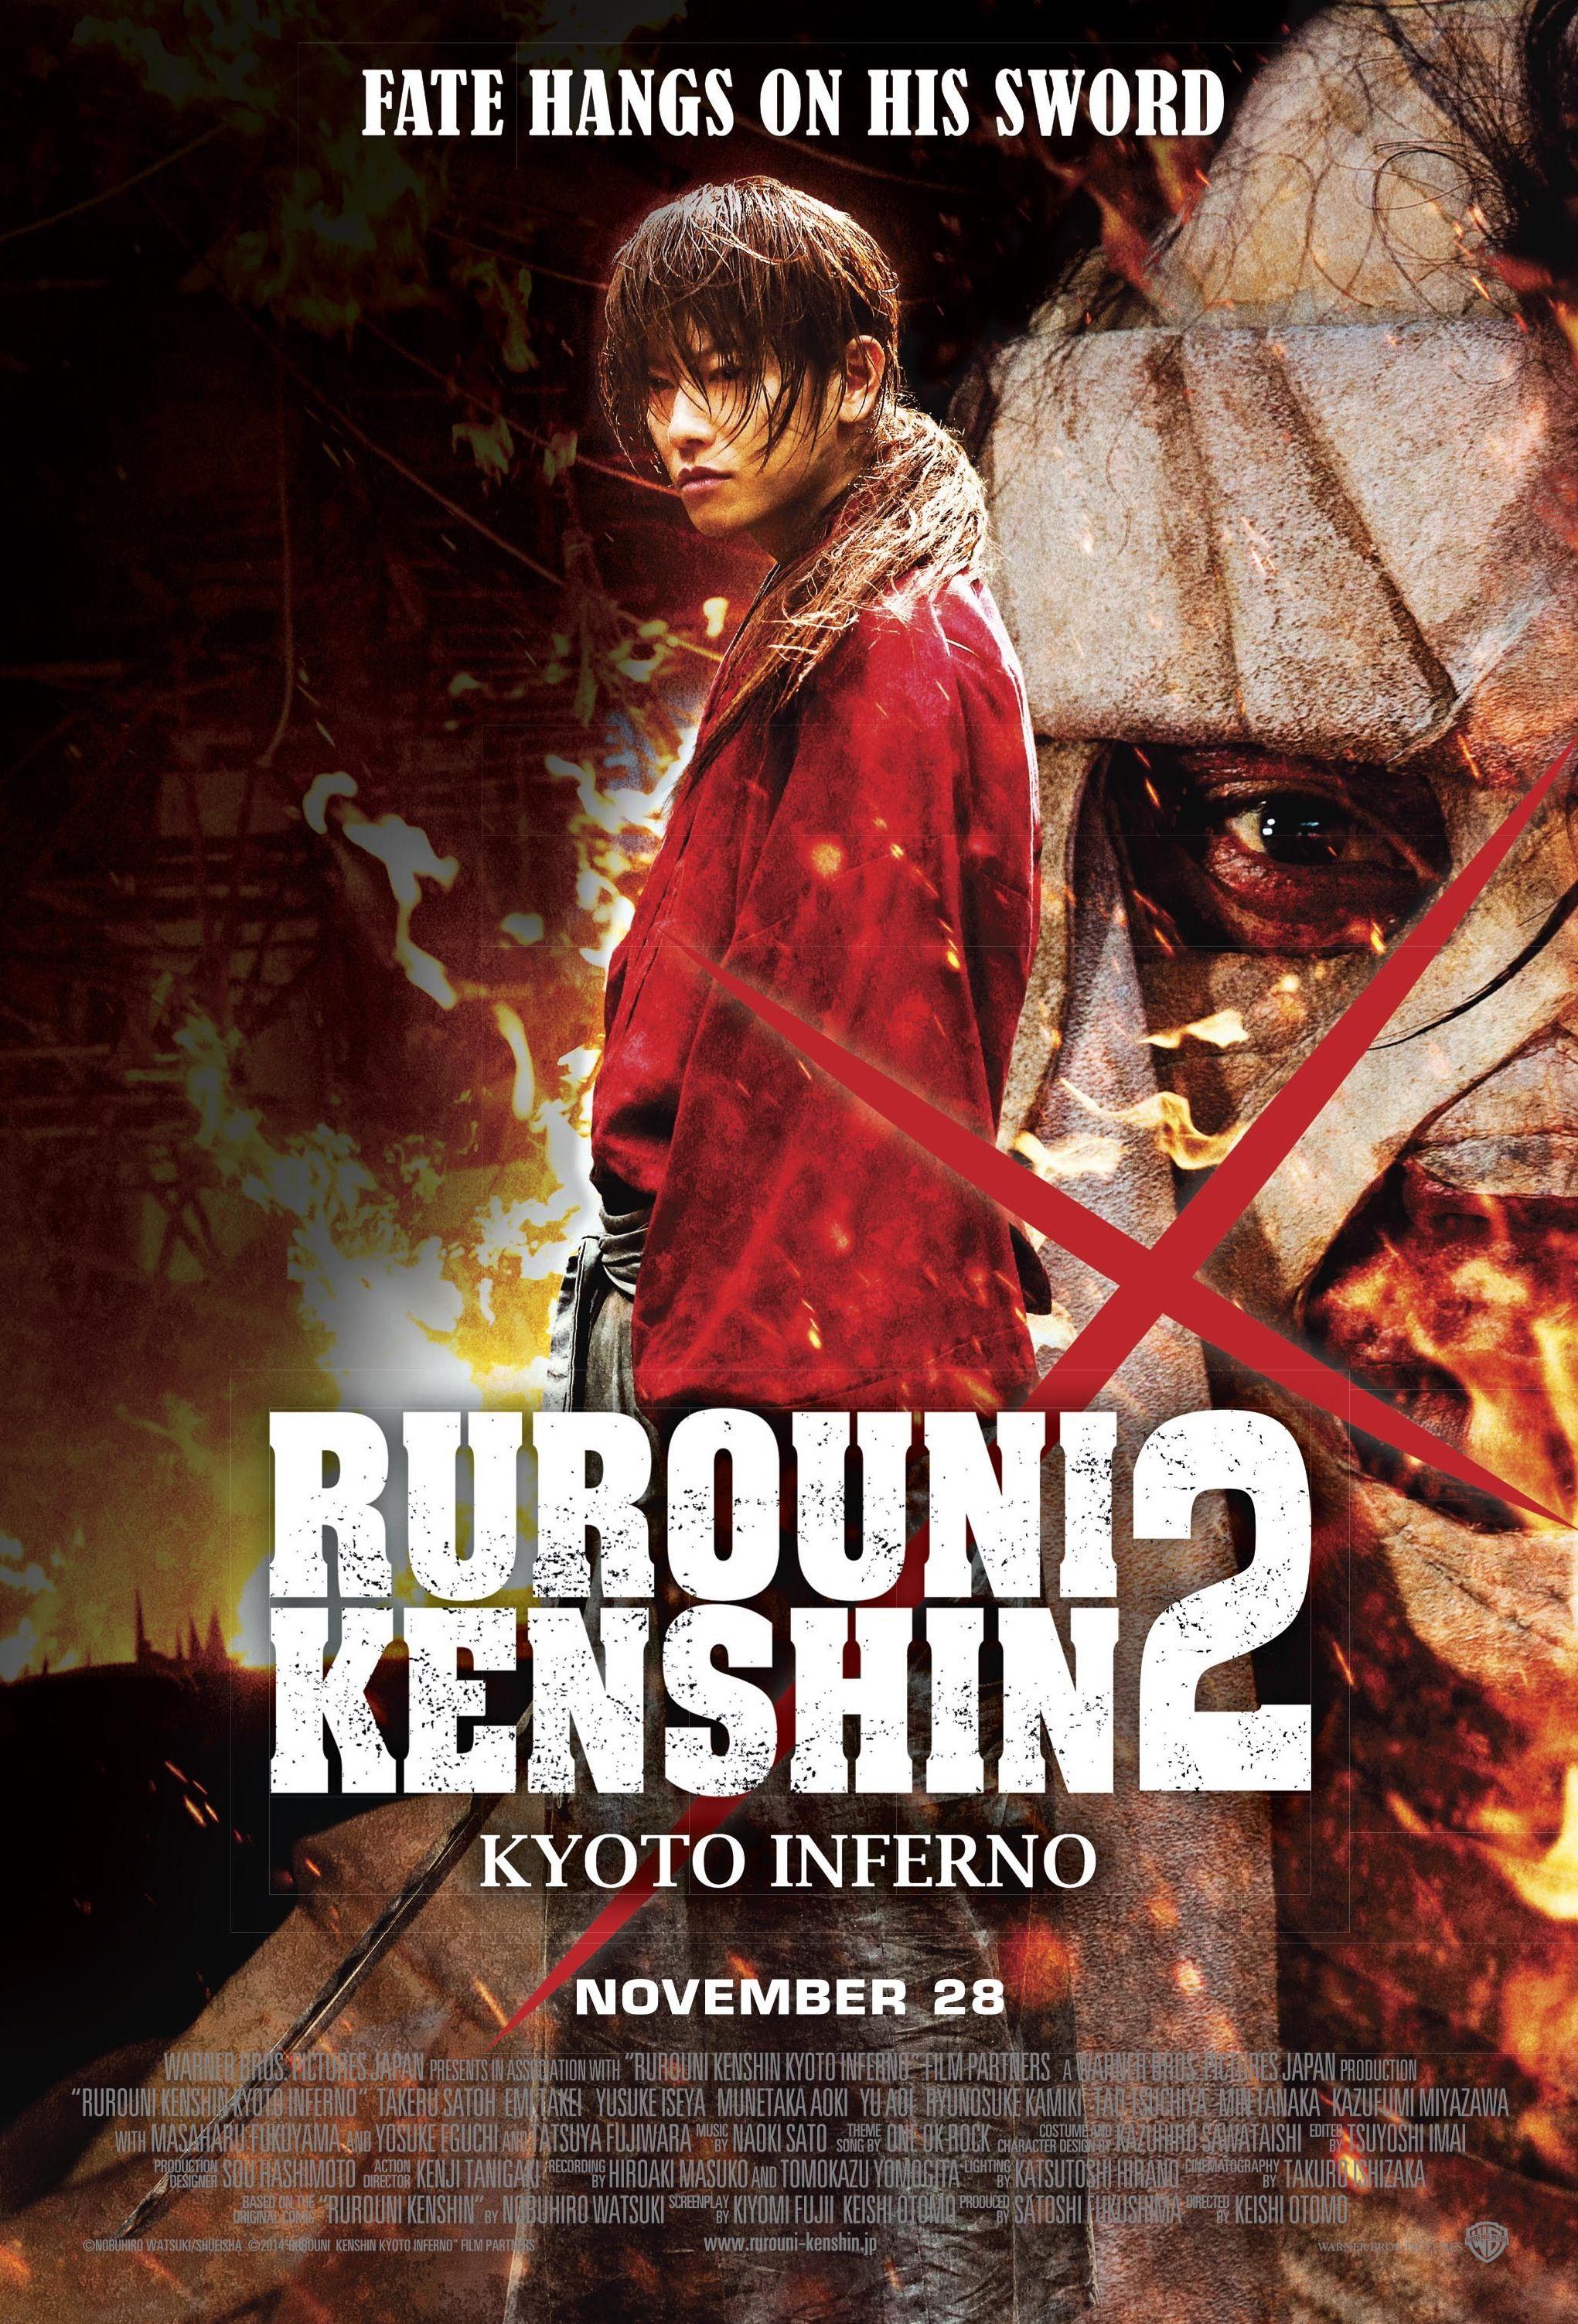 rurouni kenshin kyoto inferno torrent